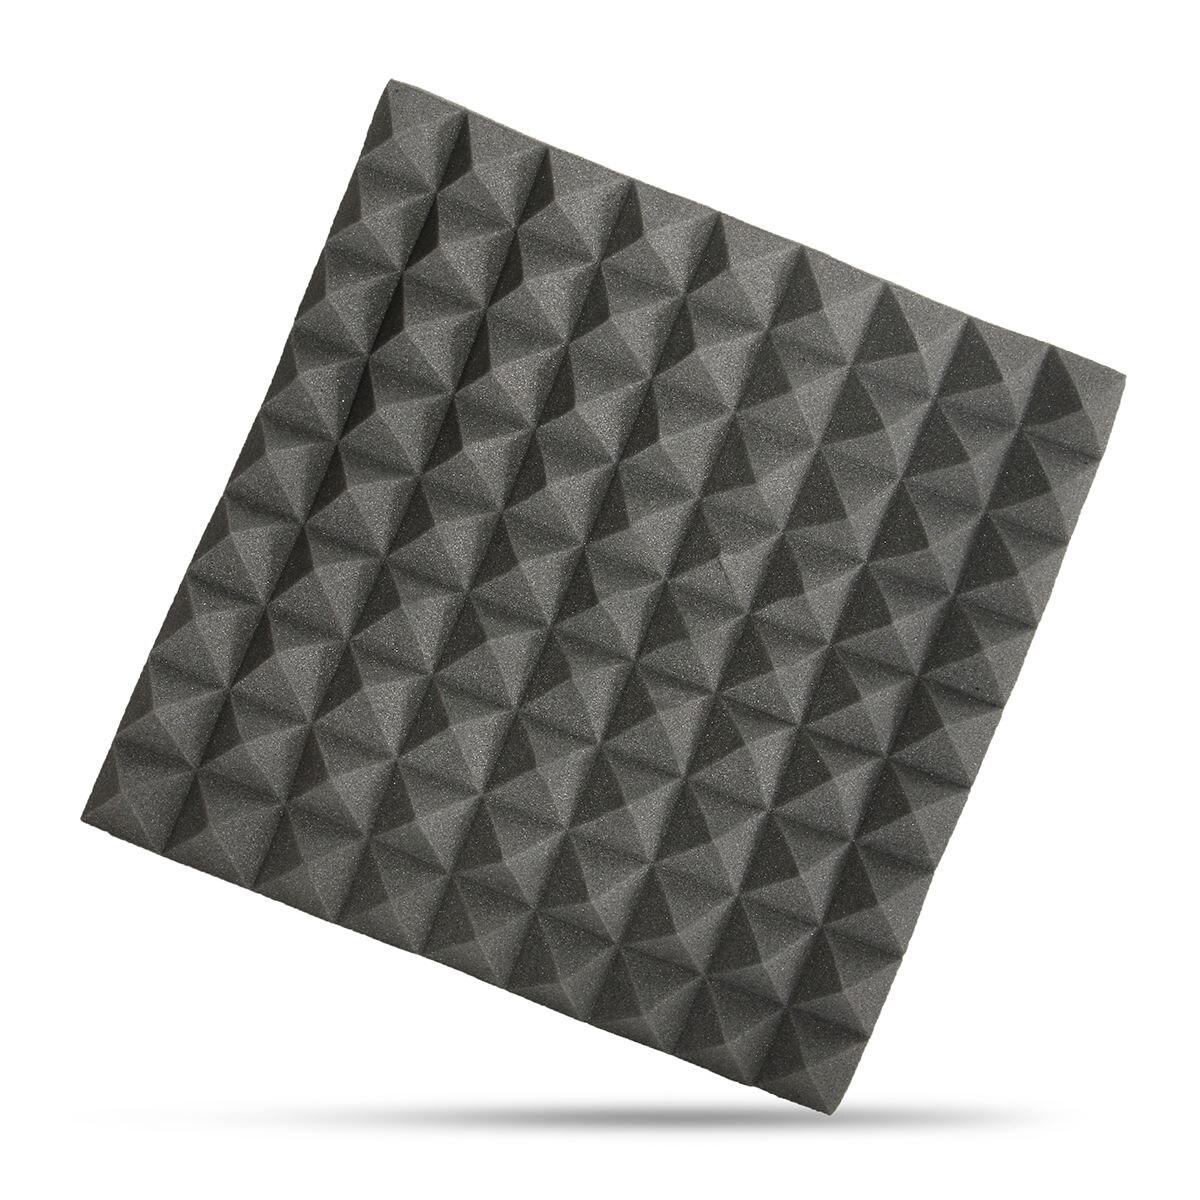 Best price 45x45x5cm soundproofing foam acoustic foam for Soundproof foam